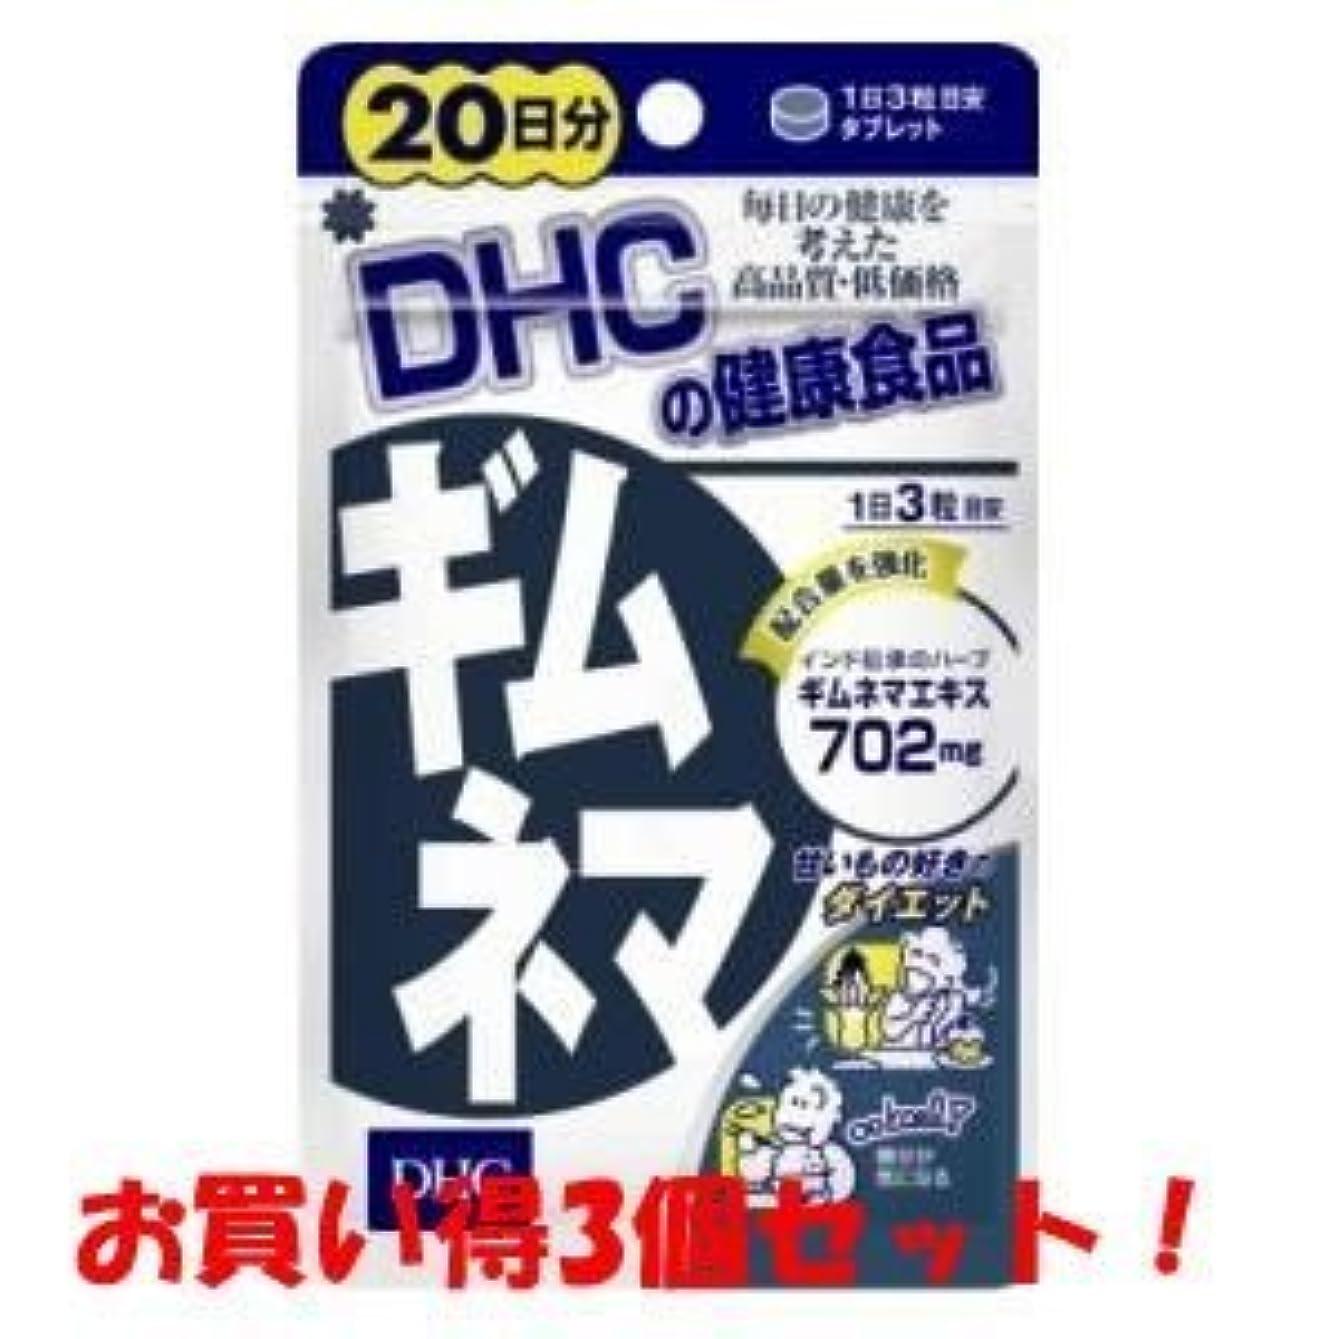 費用毎週番目DHC ギムネマ 20日分 60粒(お買い得3個セット)